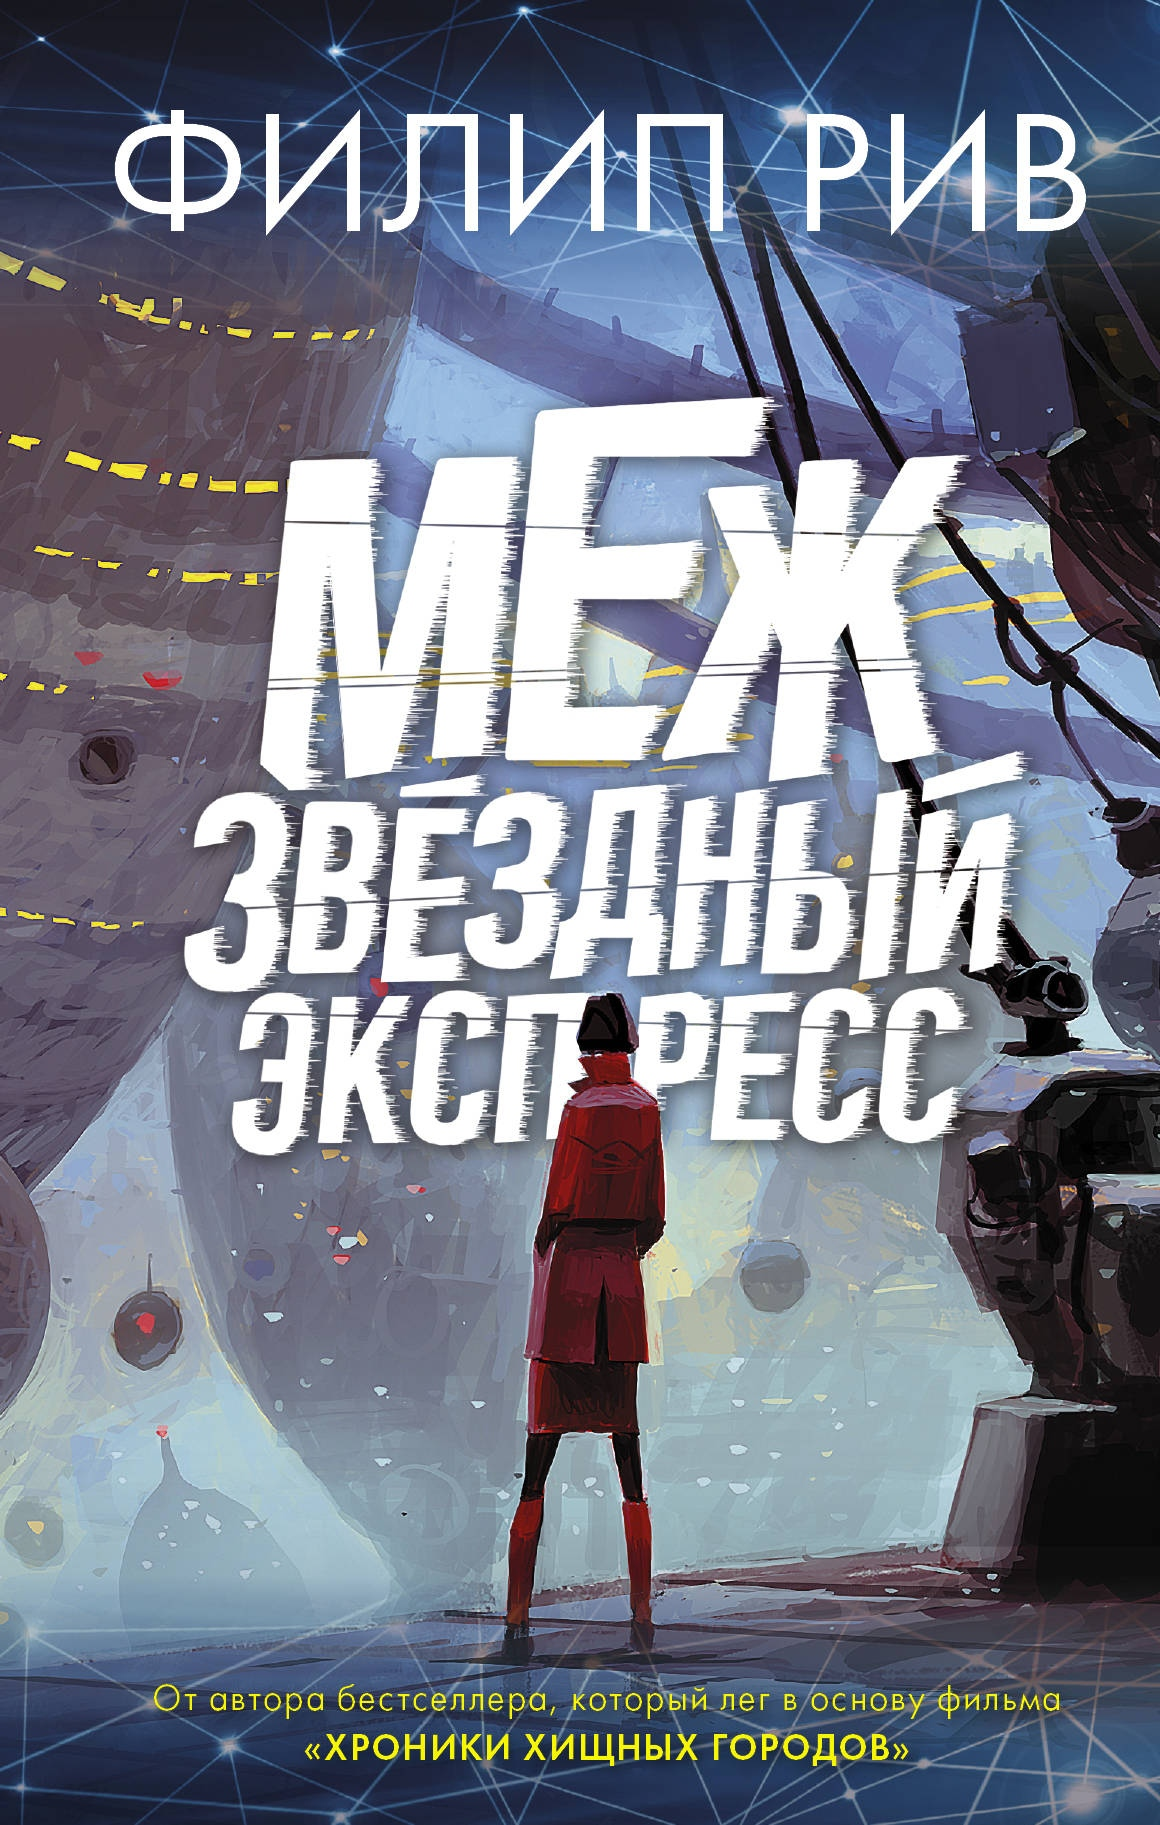 Филип Рив «Межзвёздный экспресс»